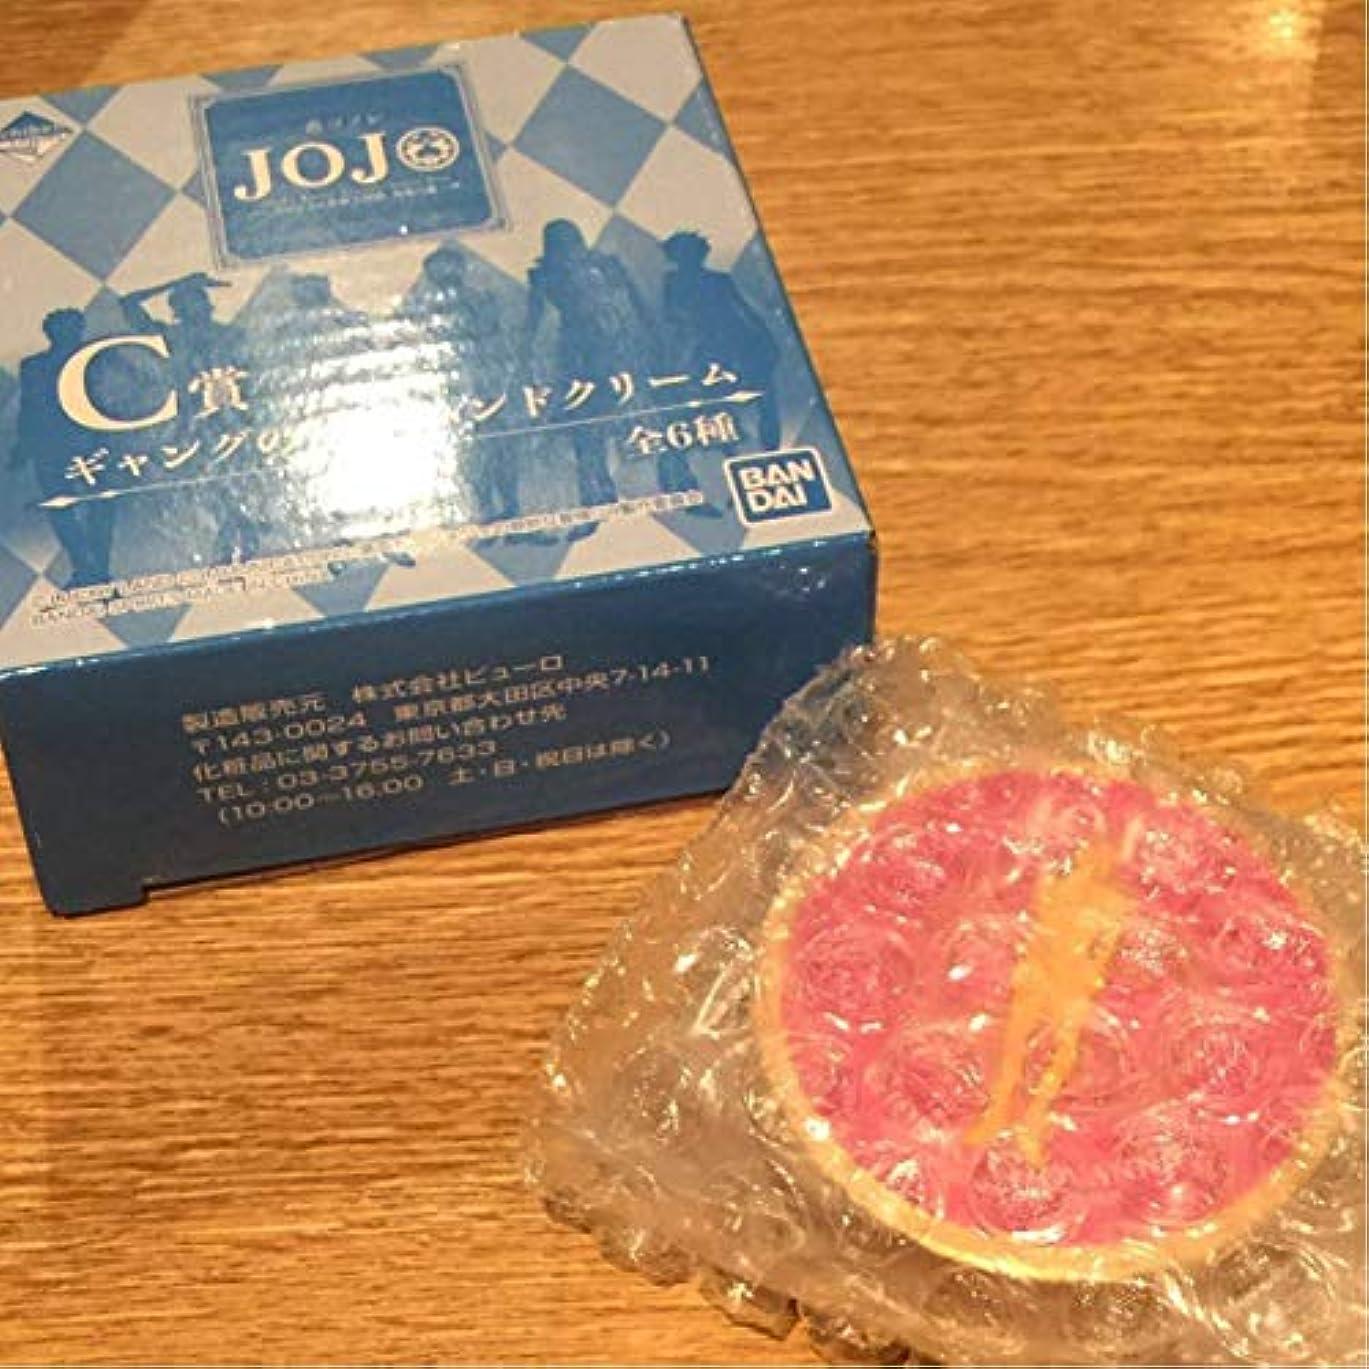 消毒剤文句を言う掘るジョルノ ハンドクリーム ジョジョの奇妙な冒険 1番くじコフレC賞 ギャングの香り